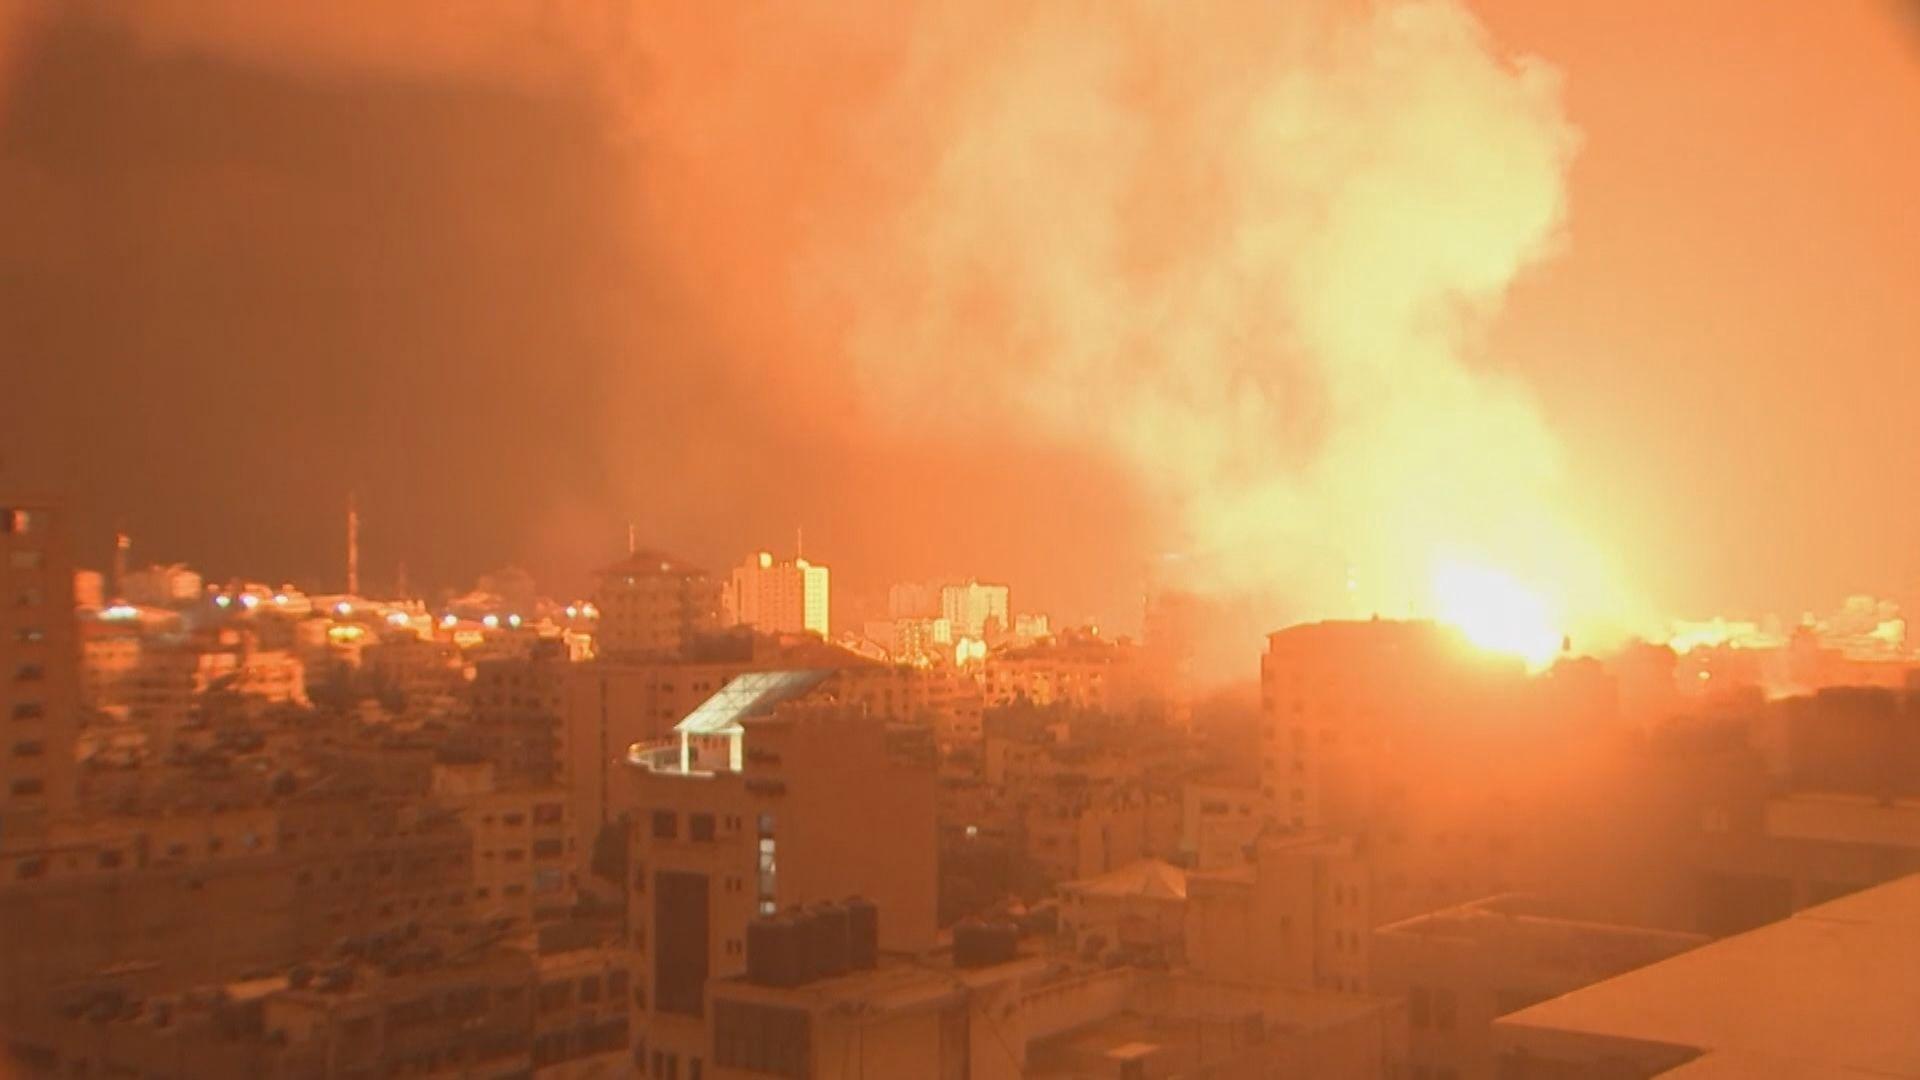 以巴衝突持續釀至少65死 美國派員到當地斡旋